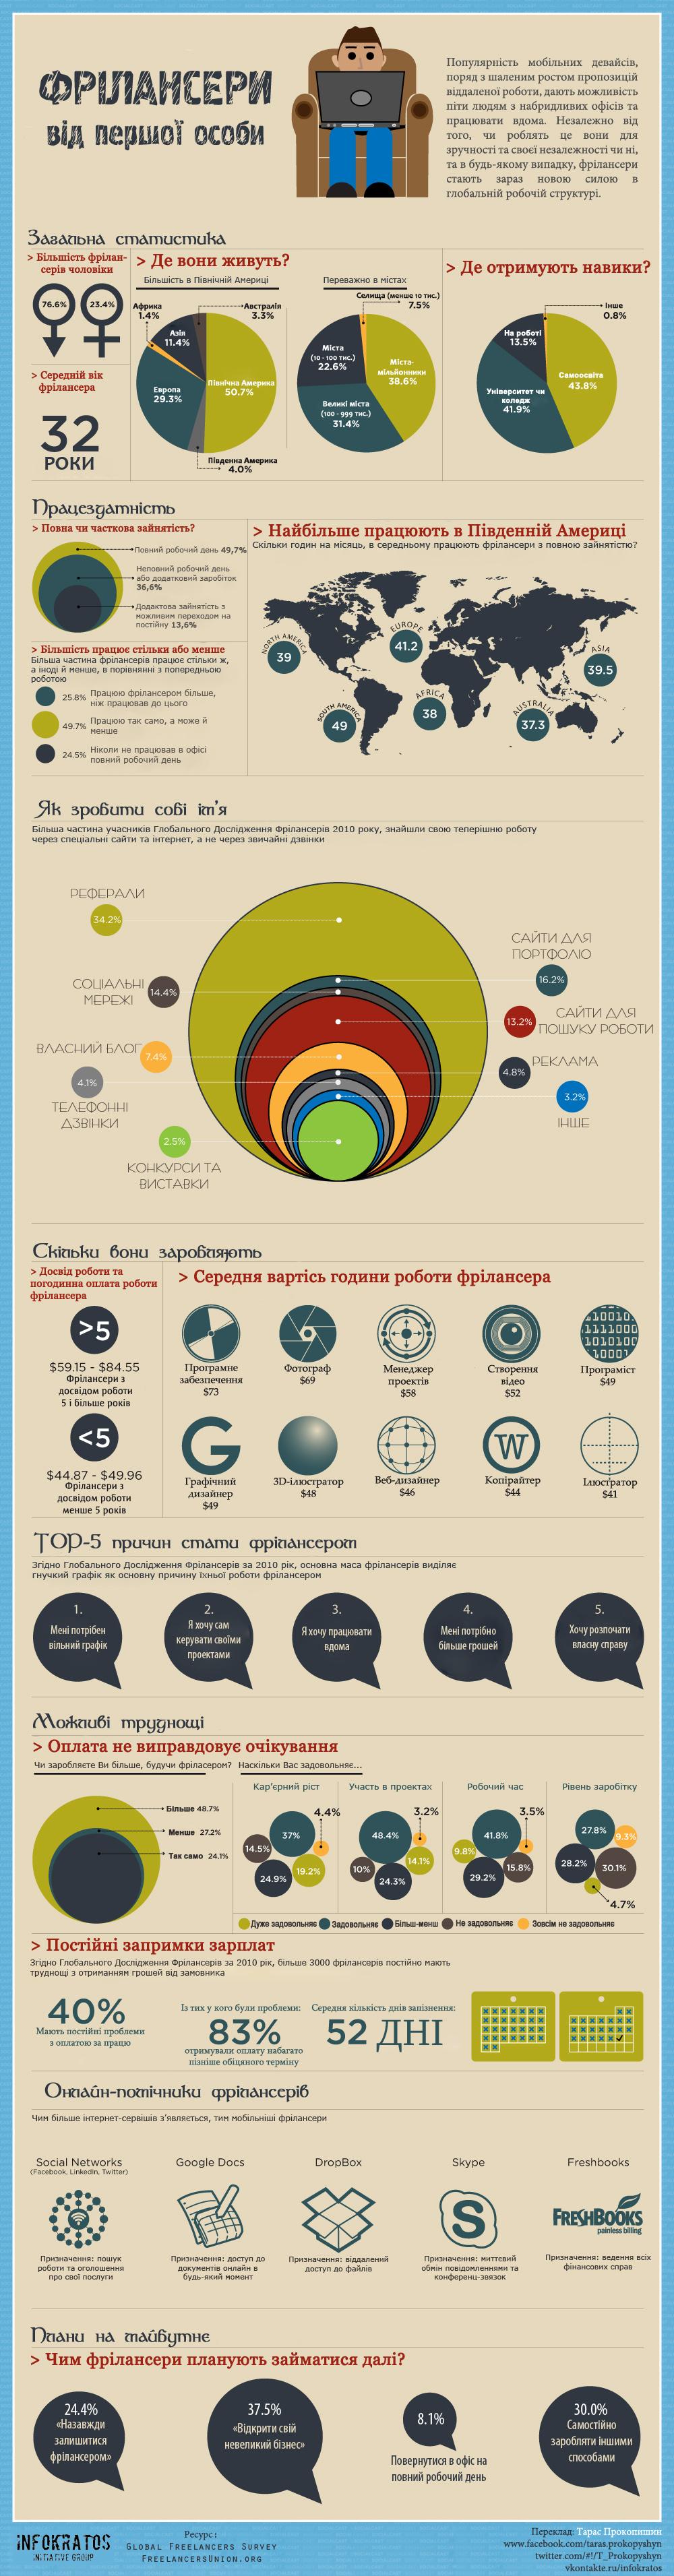 37% фрілансерів хочуть відкрити свій бізнес: інфографіка